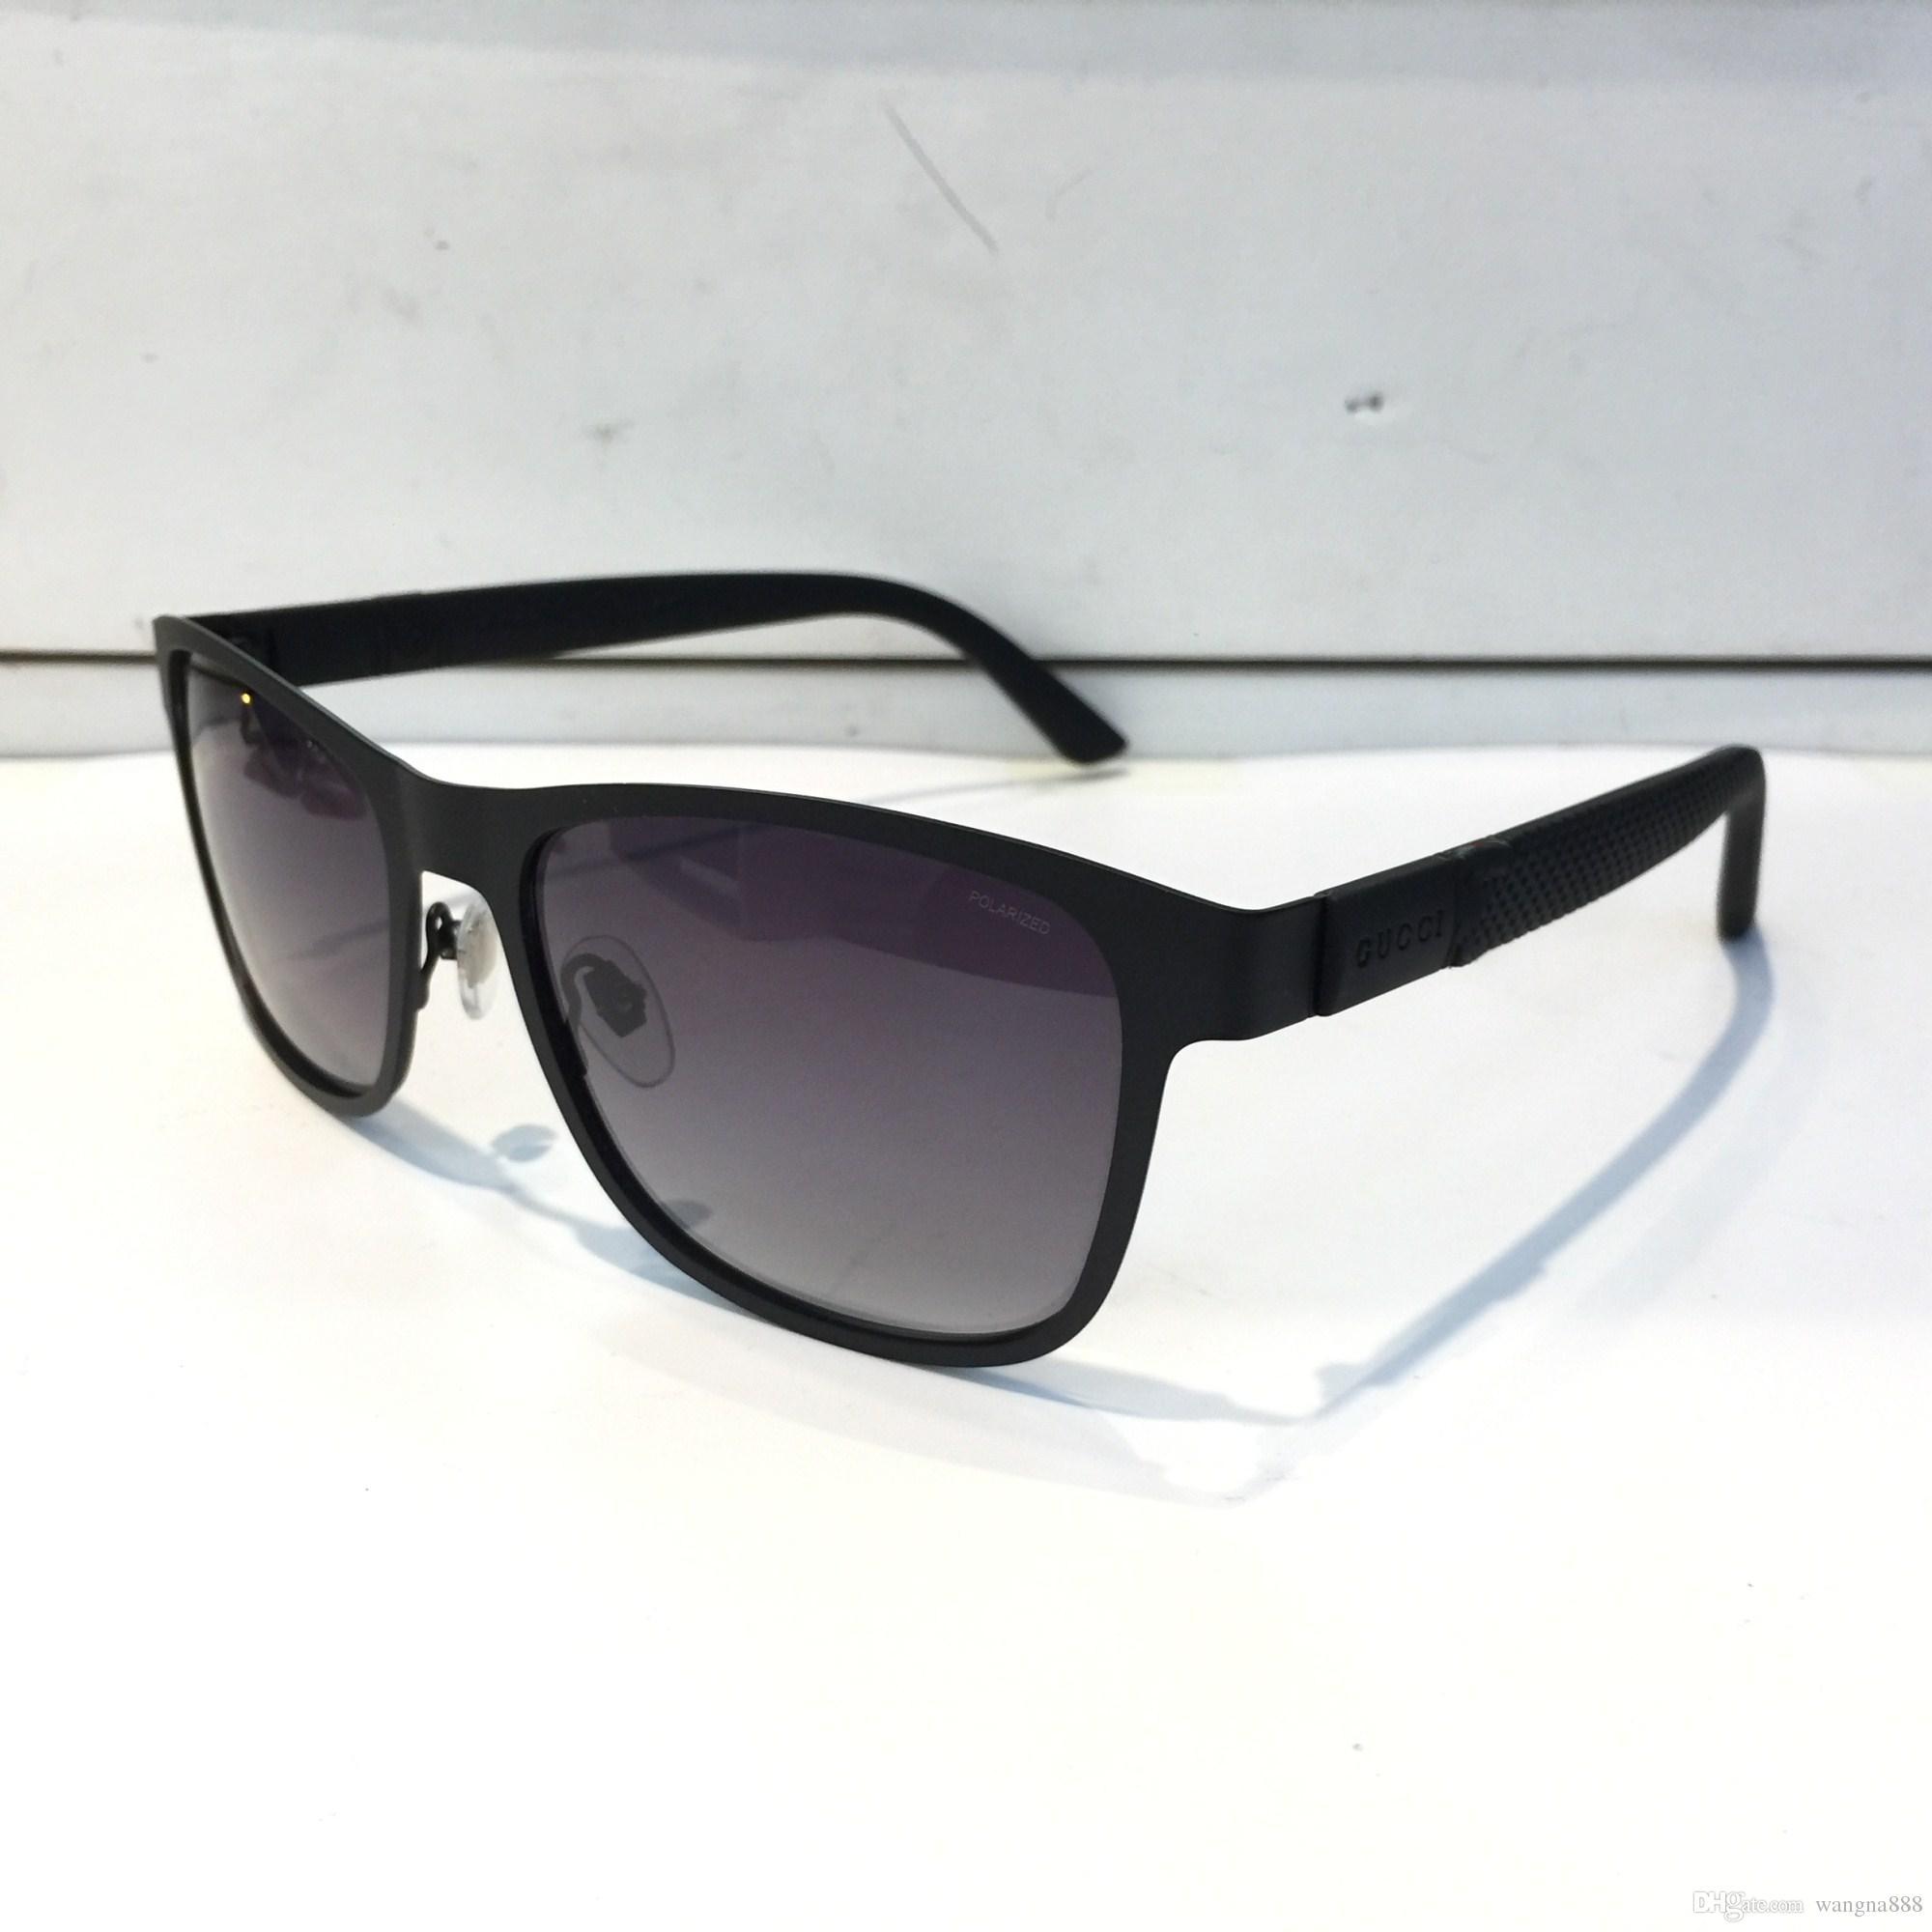 72879ece321 Luxury 2247 Sunglasses For Men Design Fashion Sunglasses Square ...